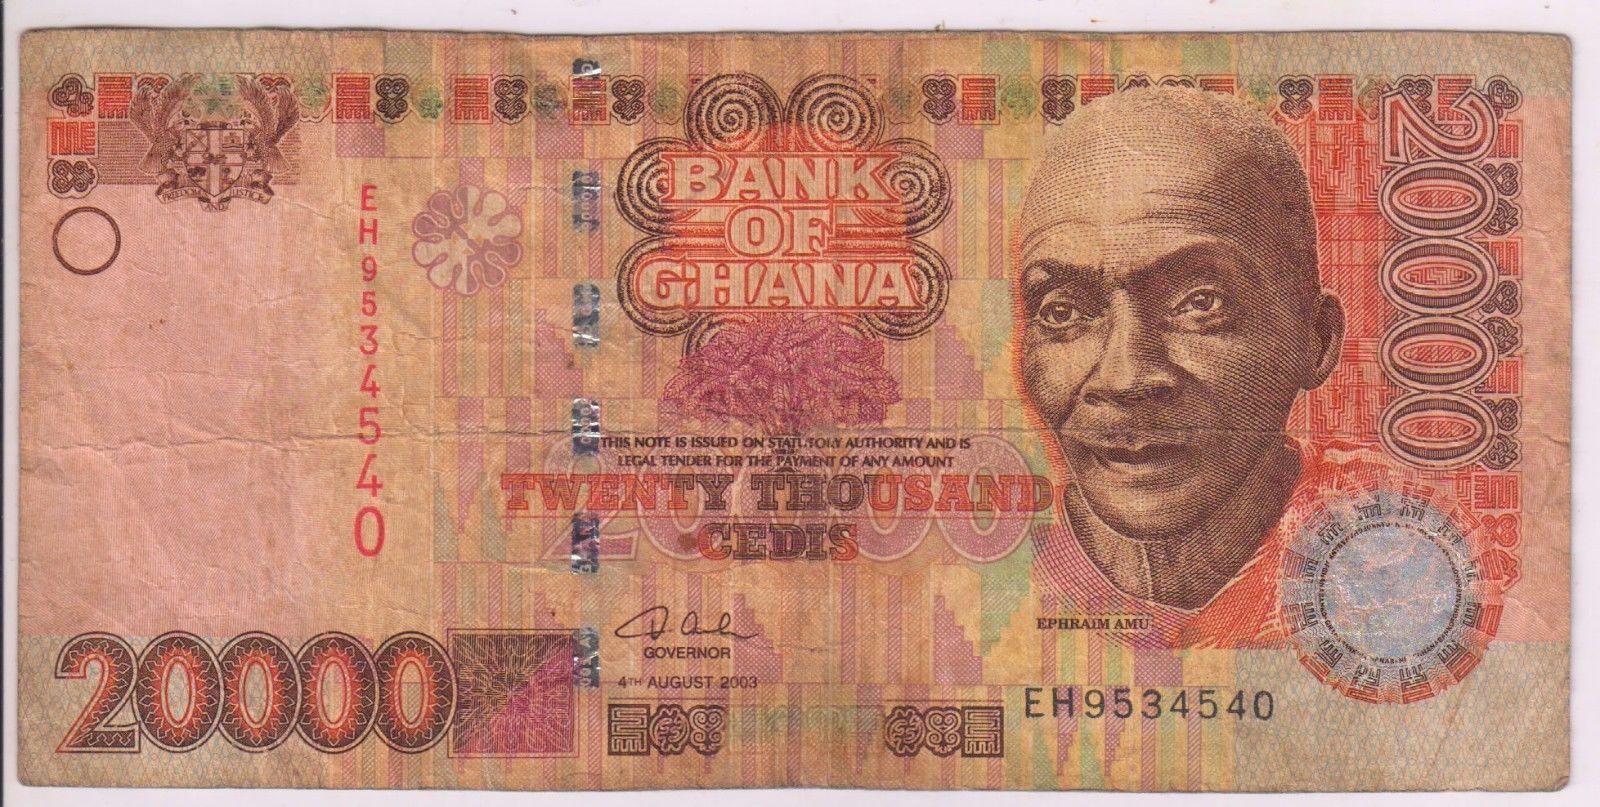 ghana 20000 cedis 2003 currency note eh kb coins currencies